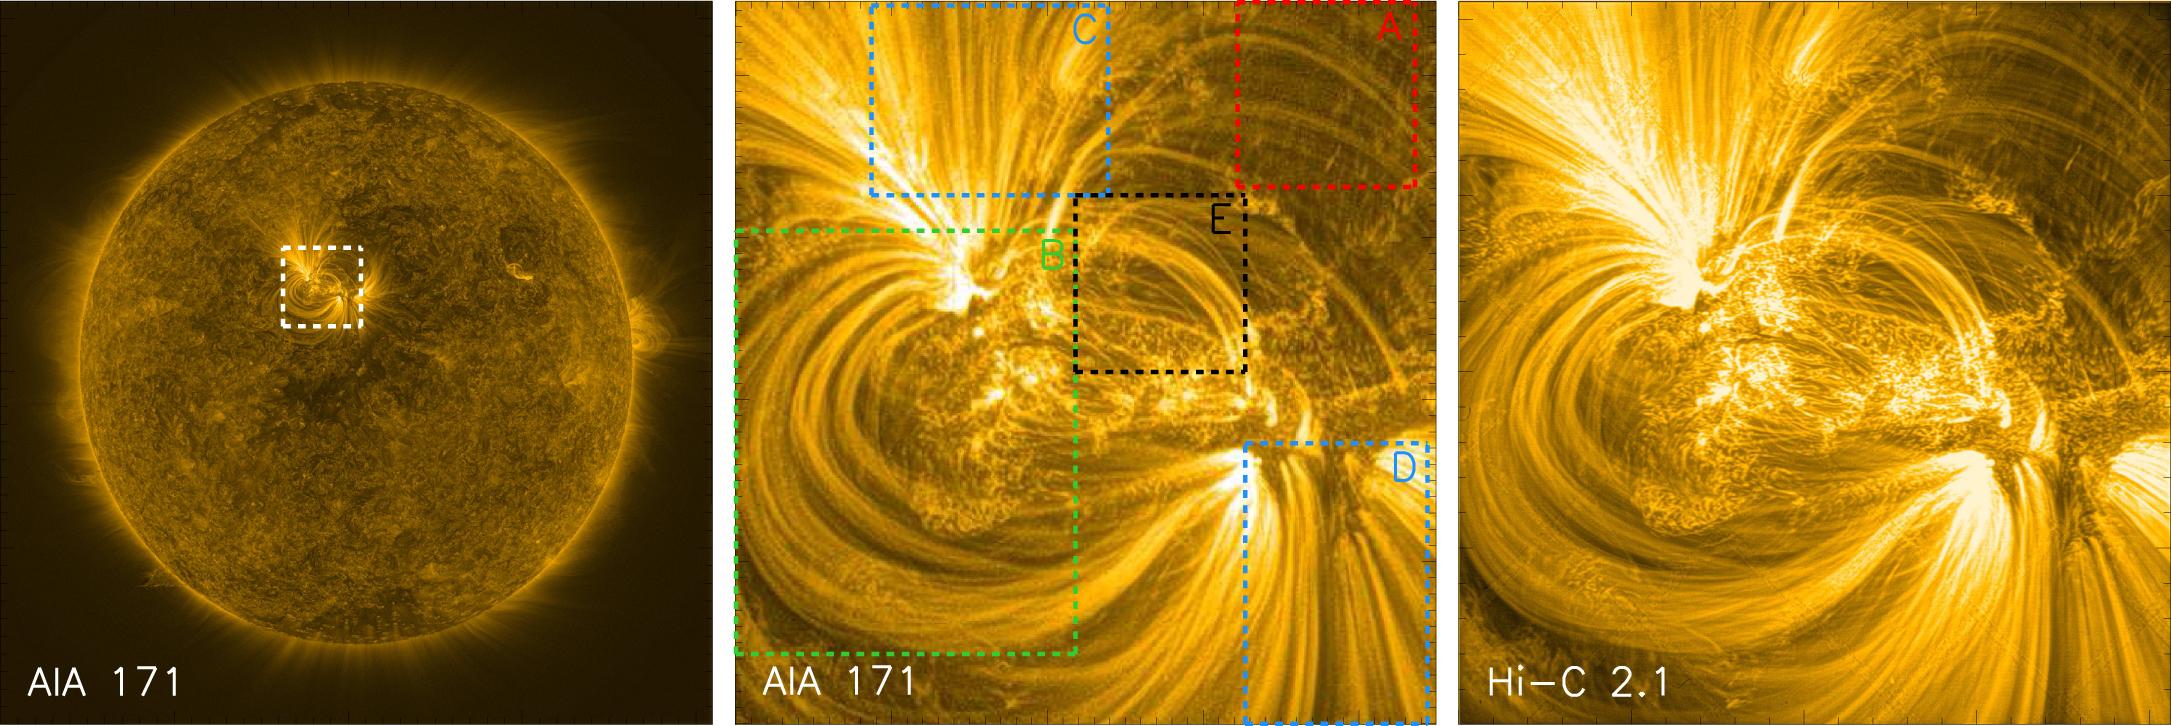 Высококачественные снимки Солнца выявили новые детали о его атмосфере